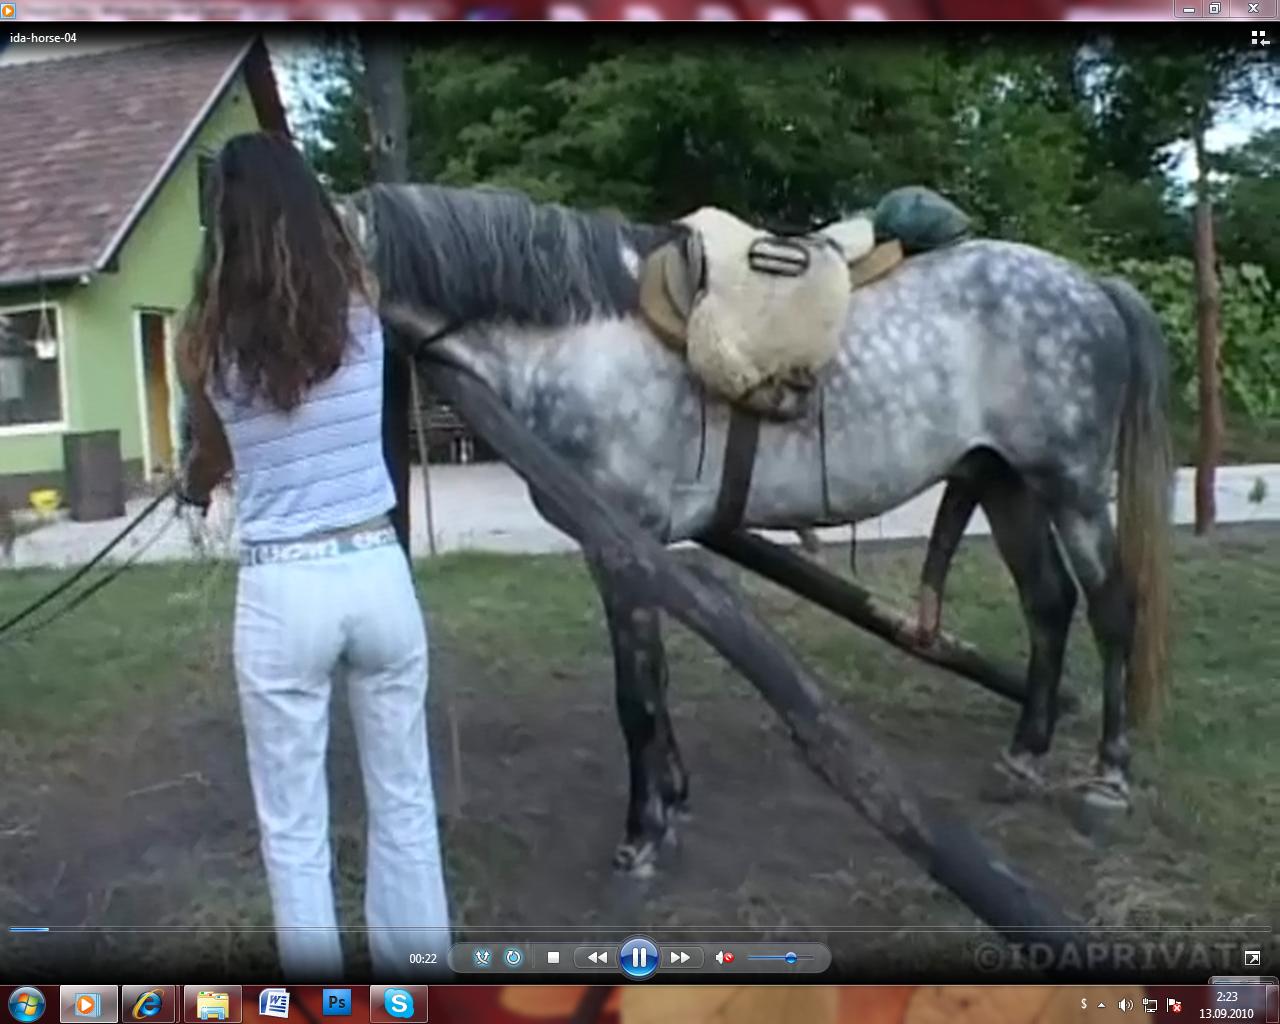 Описание: голая баба без комплексов на ферме, присев на колени отсасывает огромный стоячий член у коня.